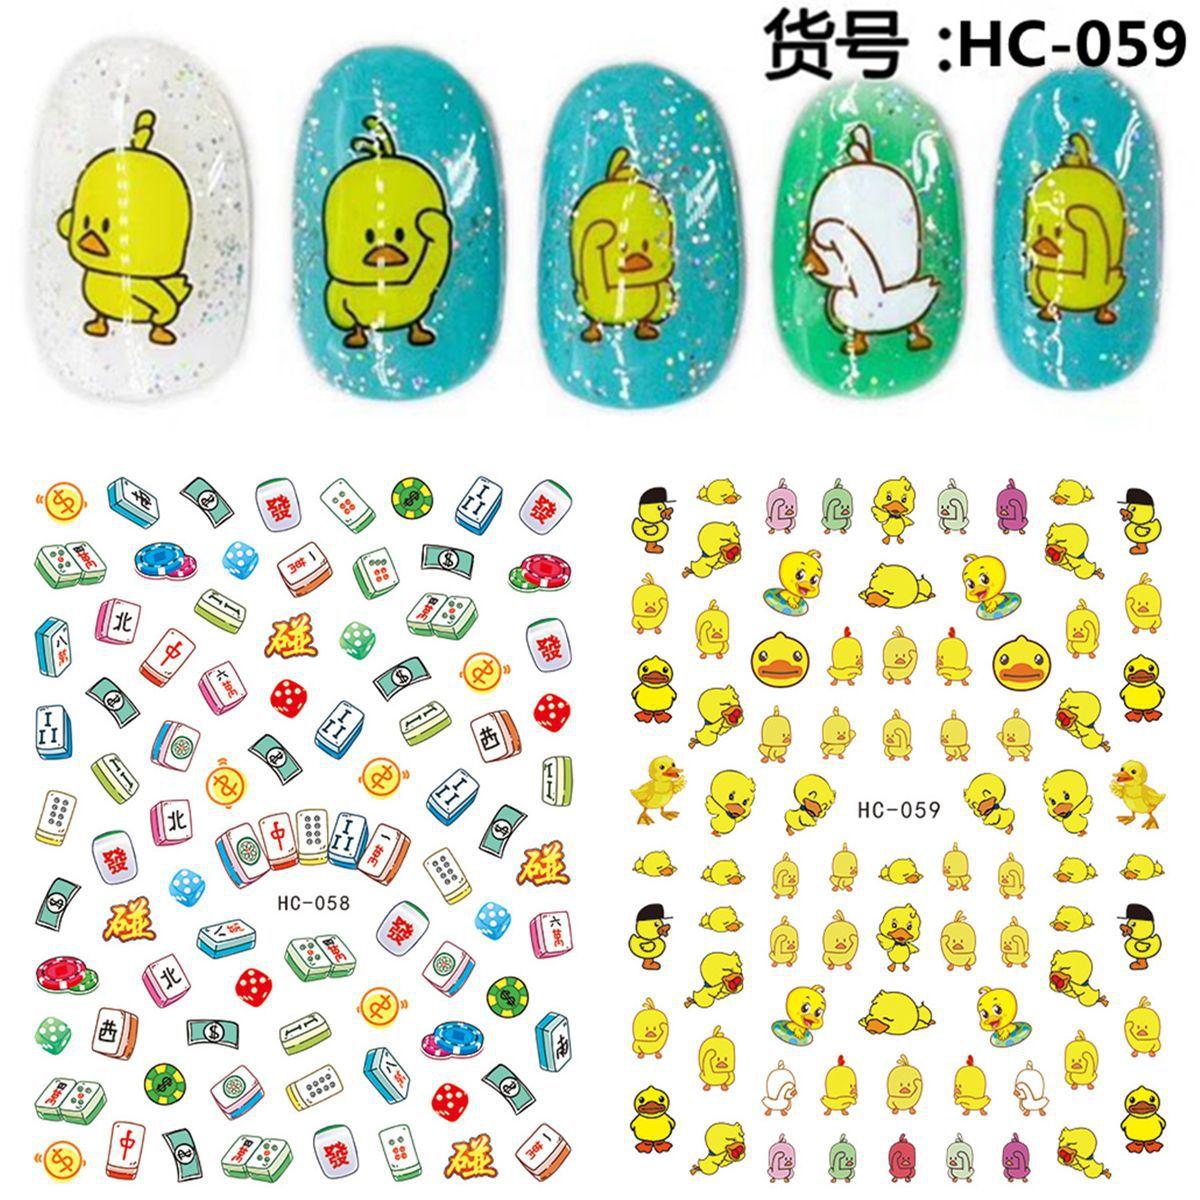 HC001-040日韩3D贴纸新年款 麻将指甲贴小黄鸭美甲贴纸